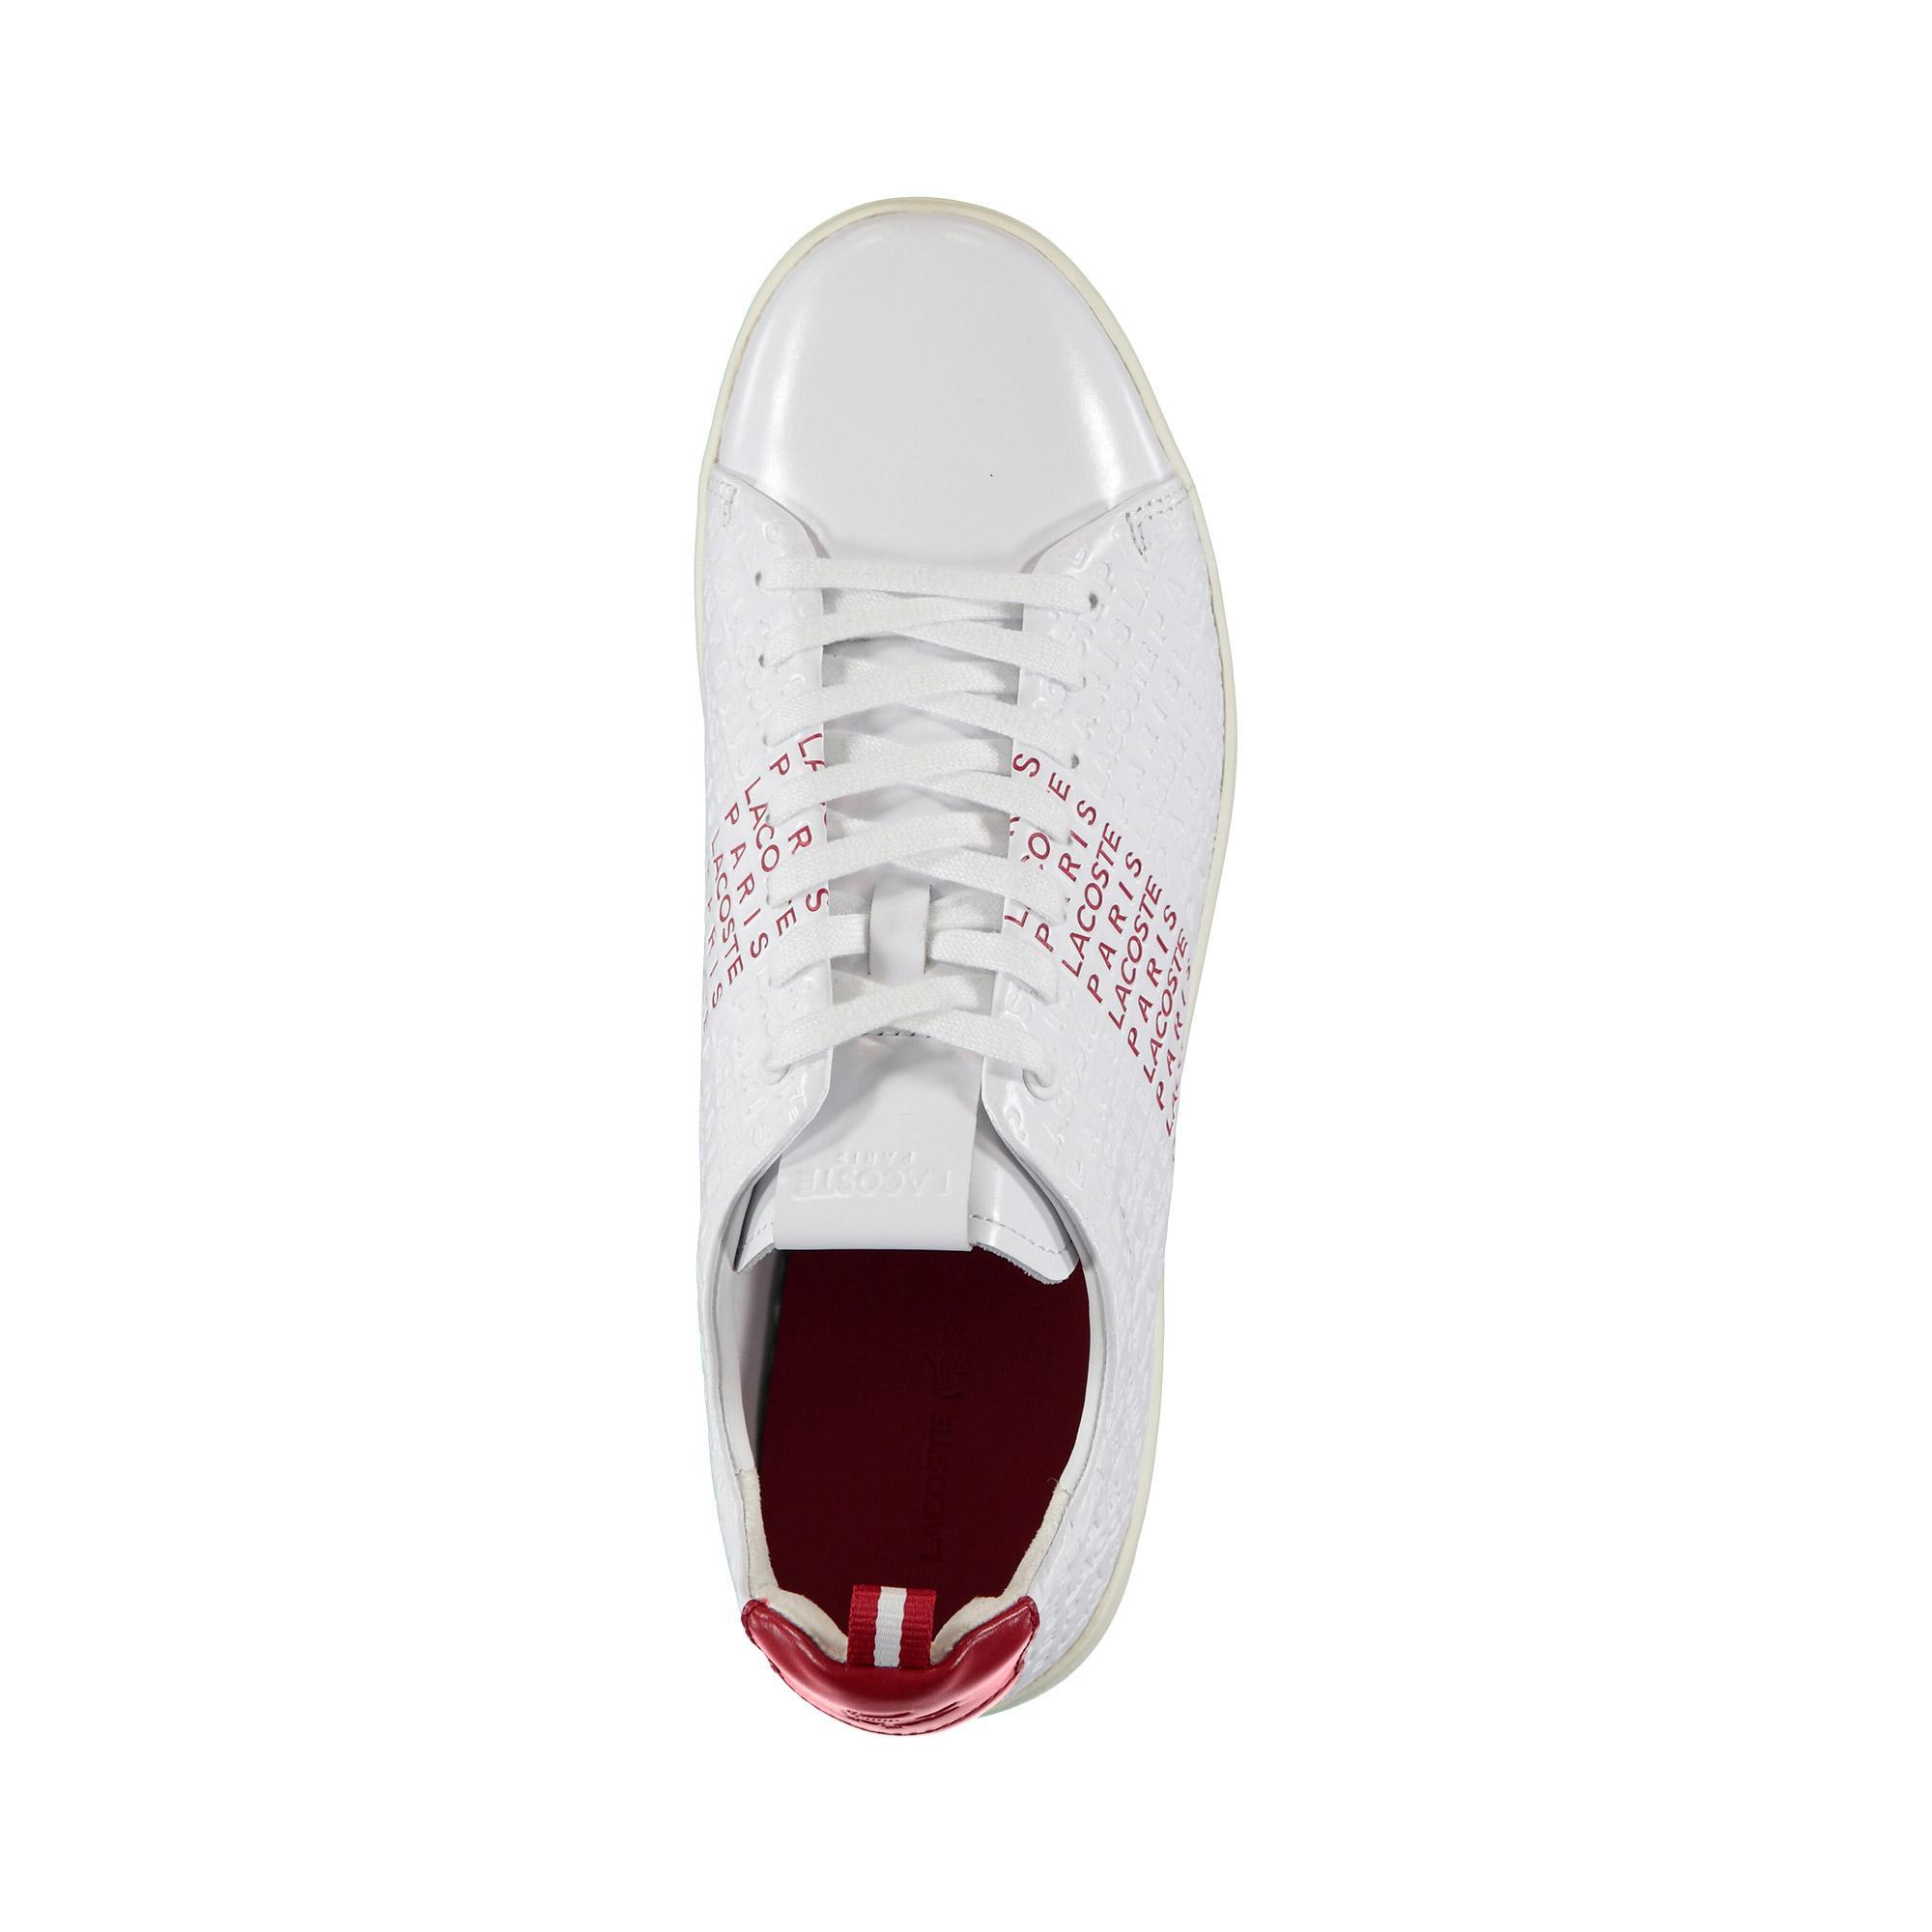 Lacoste Erkek Beyaz - Kırmızı Carnaby Evo 119 9 Us Sneaker